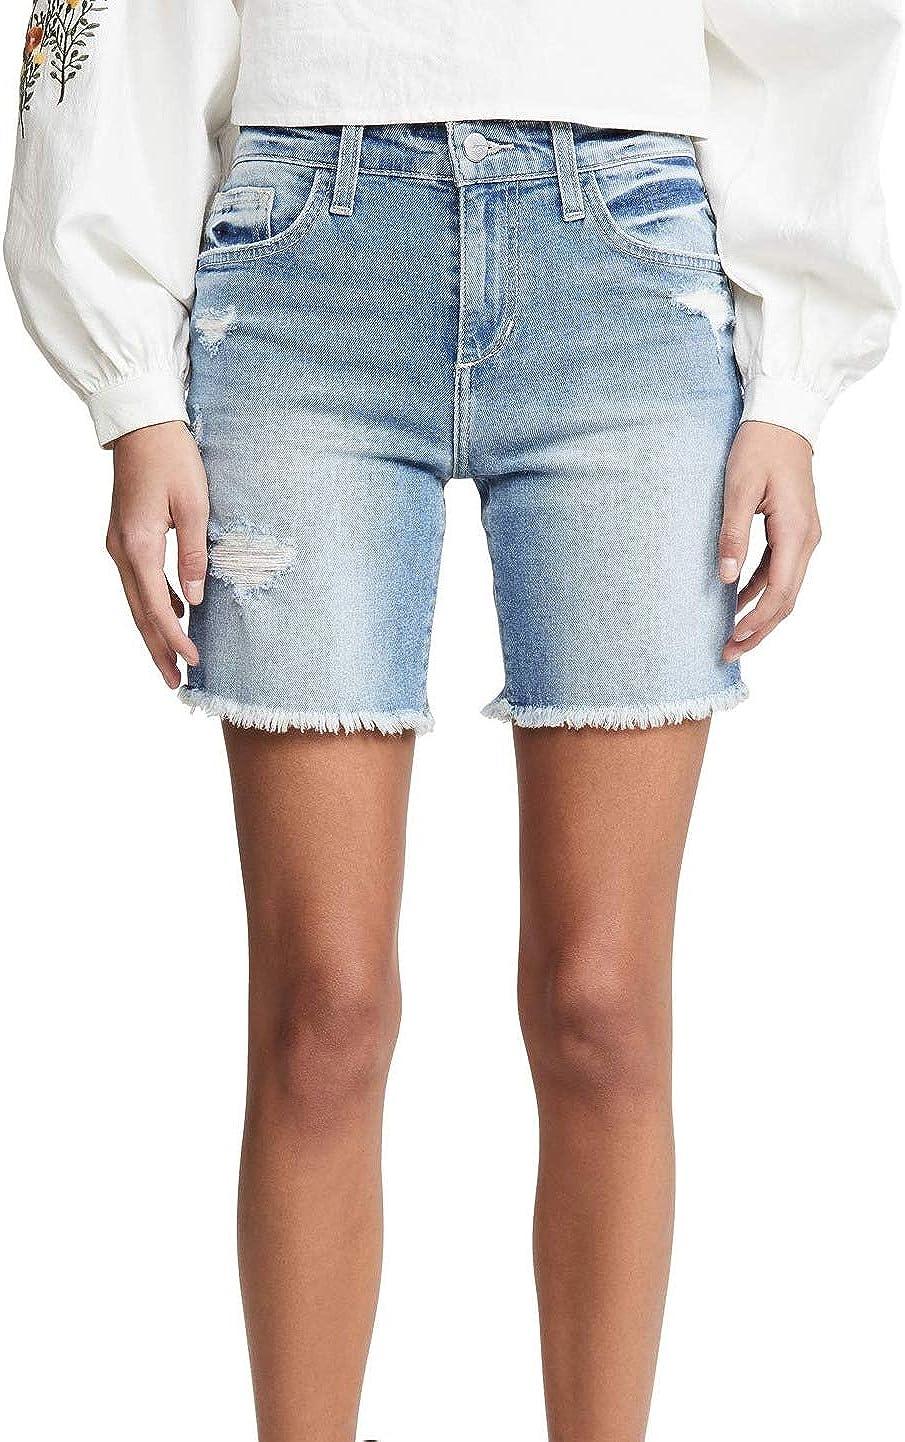 Joe's Jeans Women's Bermuda Jean Short